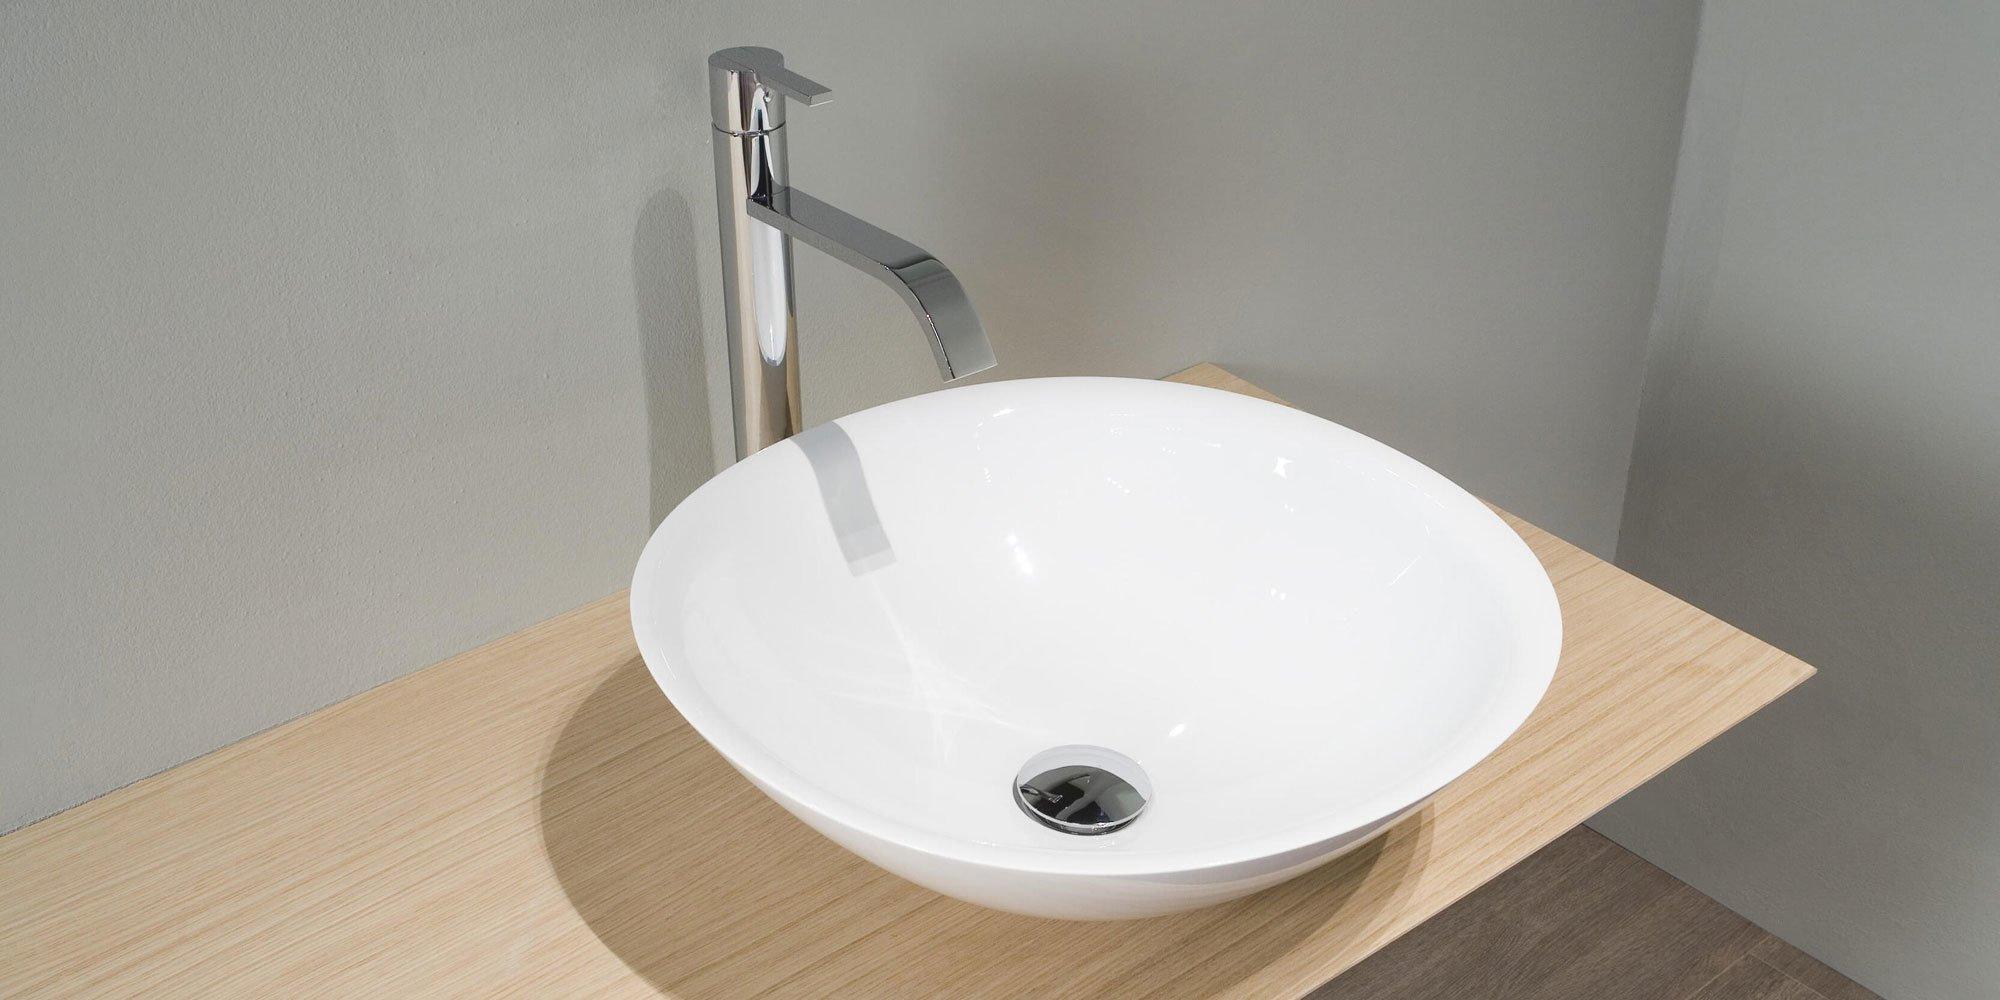 antonio lupi waschbecken waschtisch servo designbest. Black Bedroom Furniture Sets. Home Design Ideas